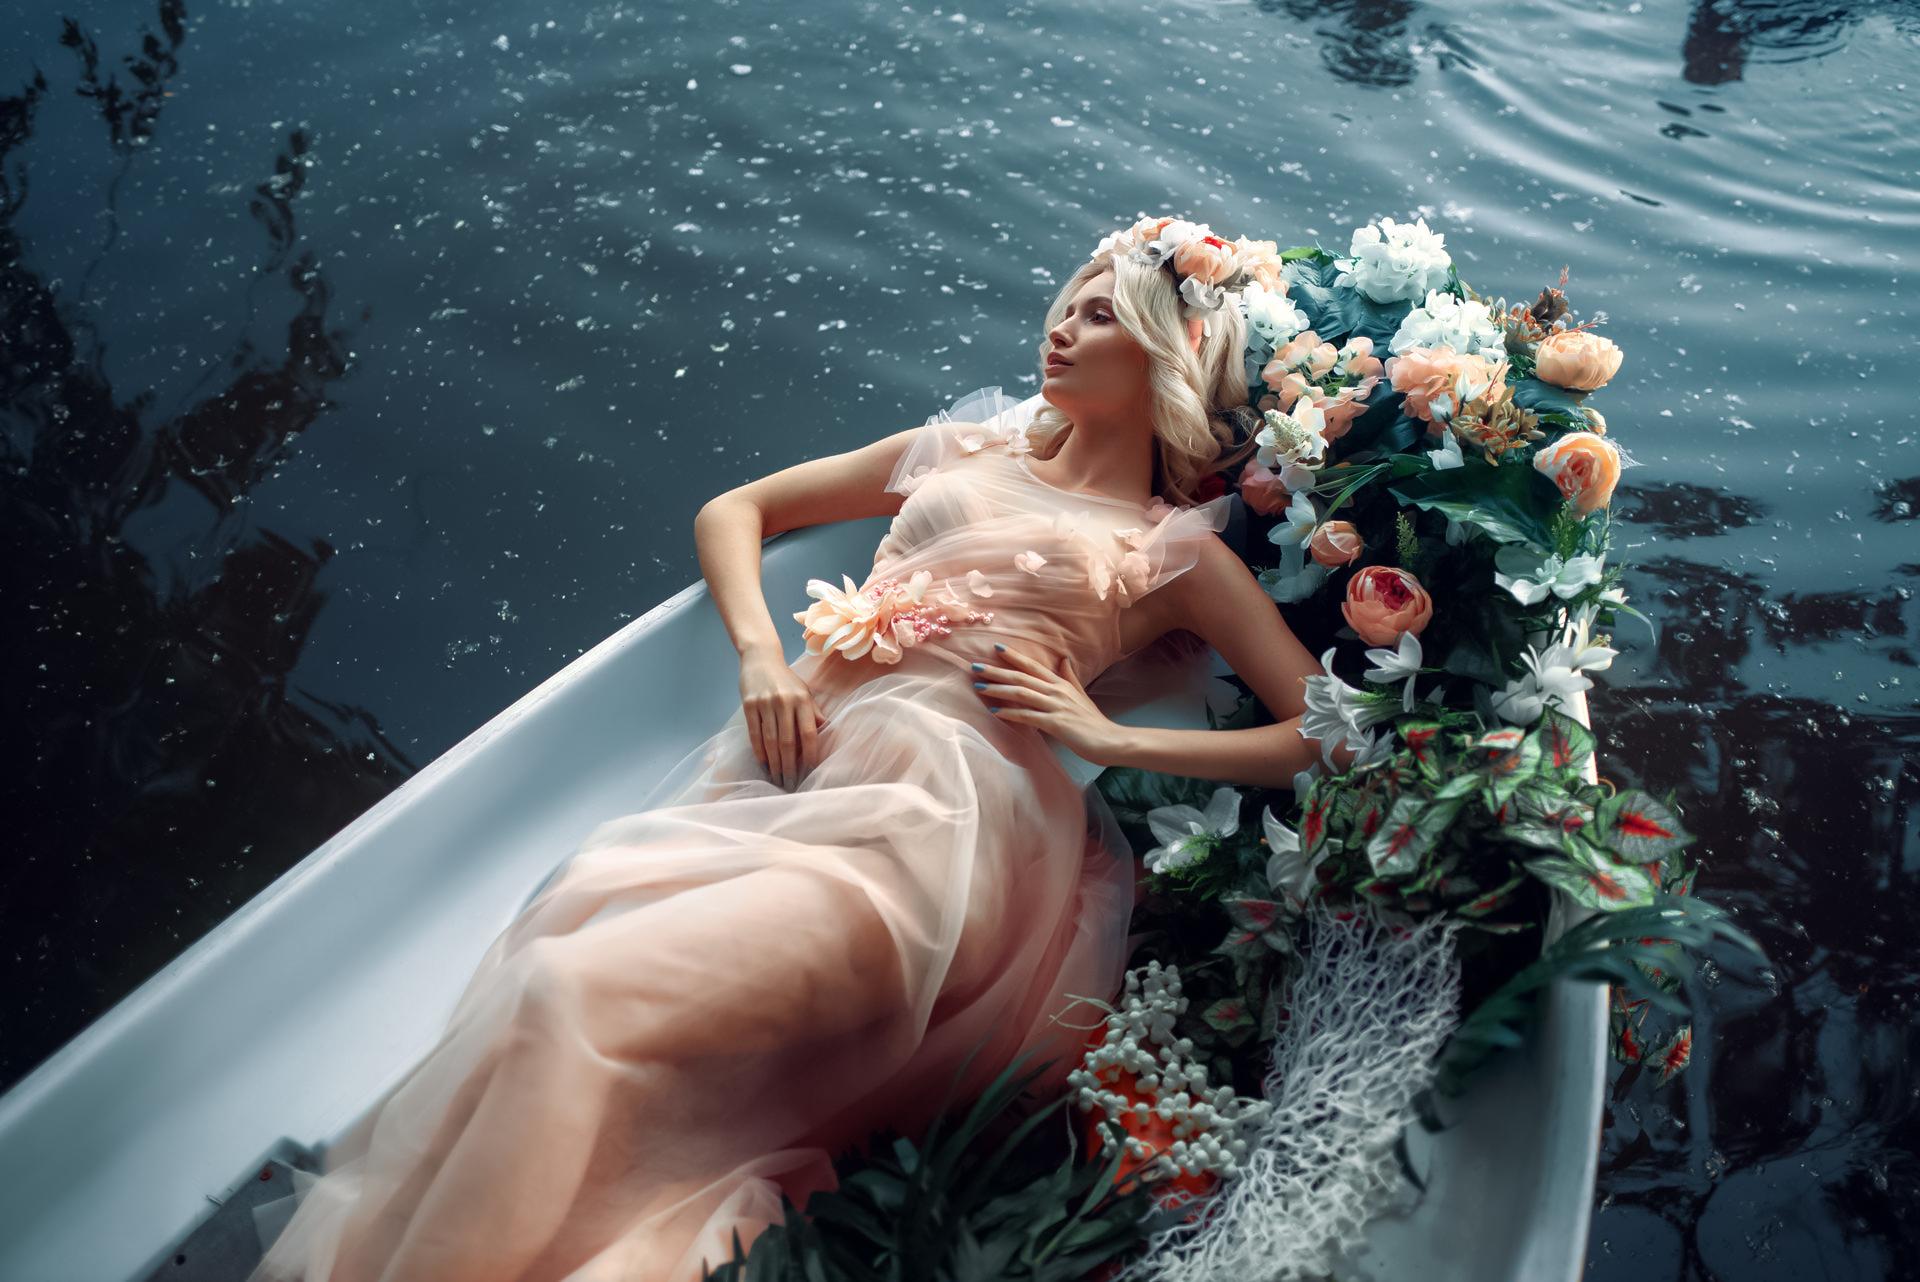 Andrey Metelkov Women Flower In Hair Blonde Looking Away Dress Flowers Boat Water 1920x1282